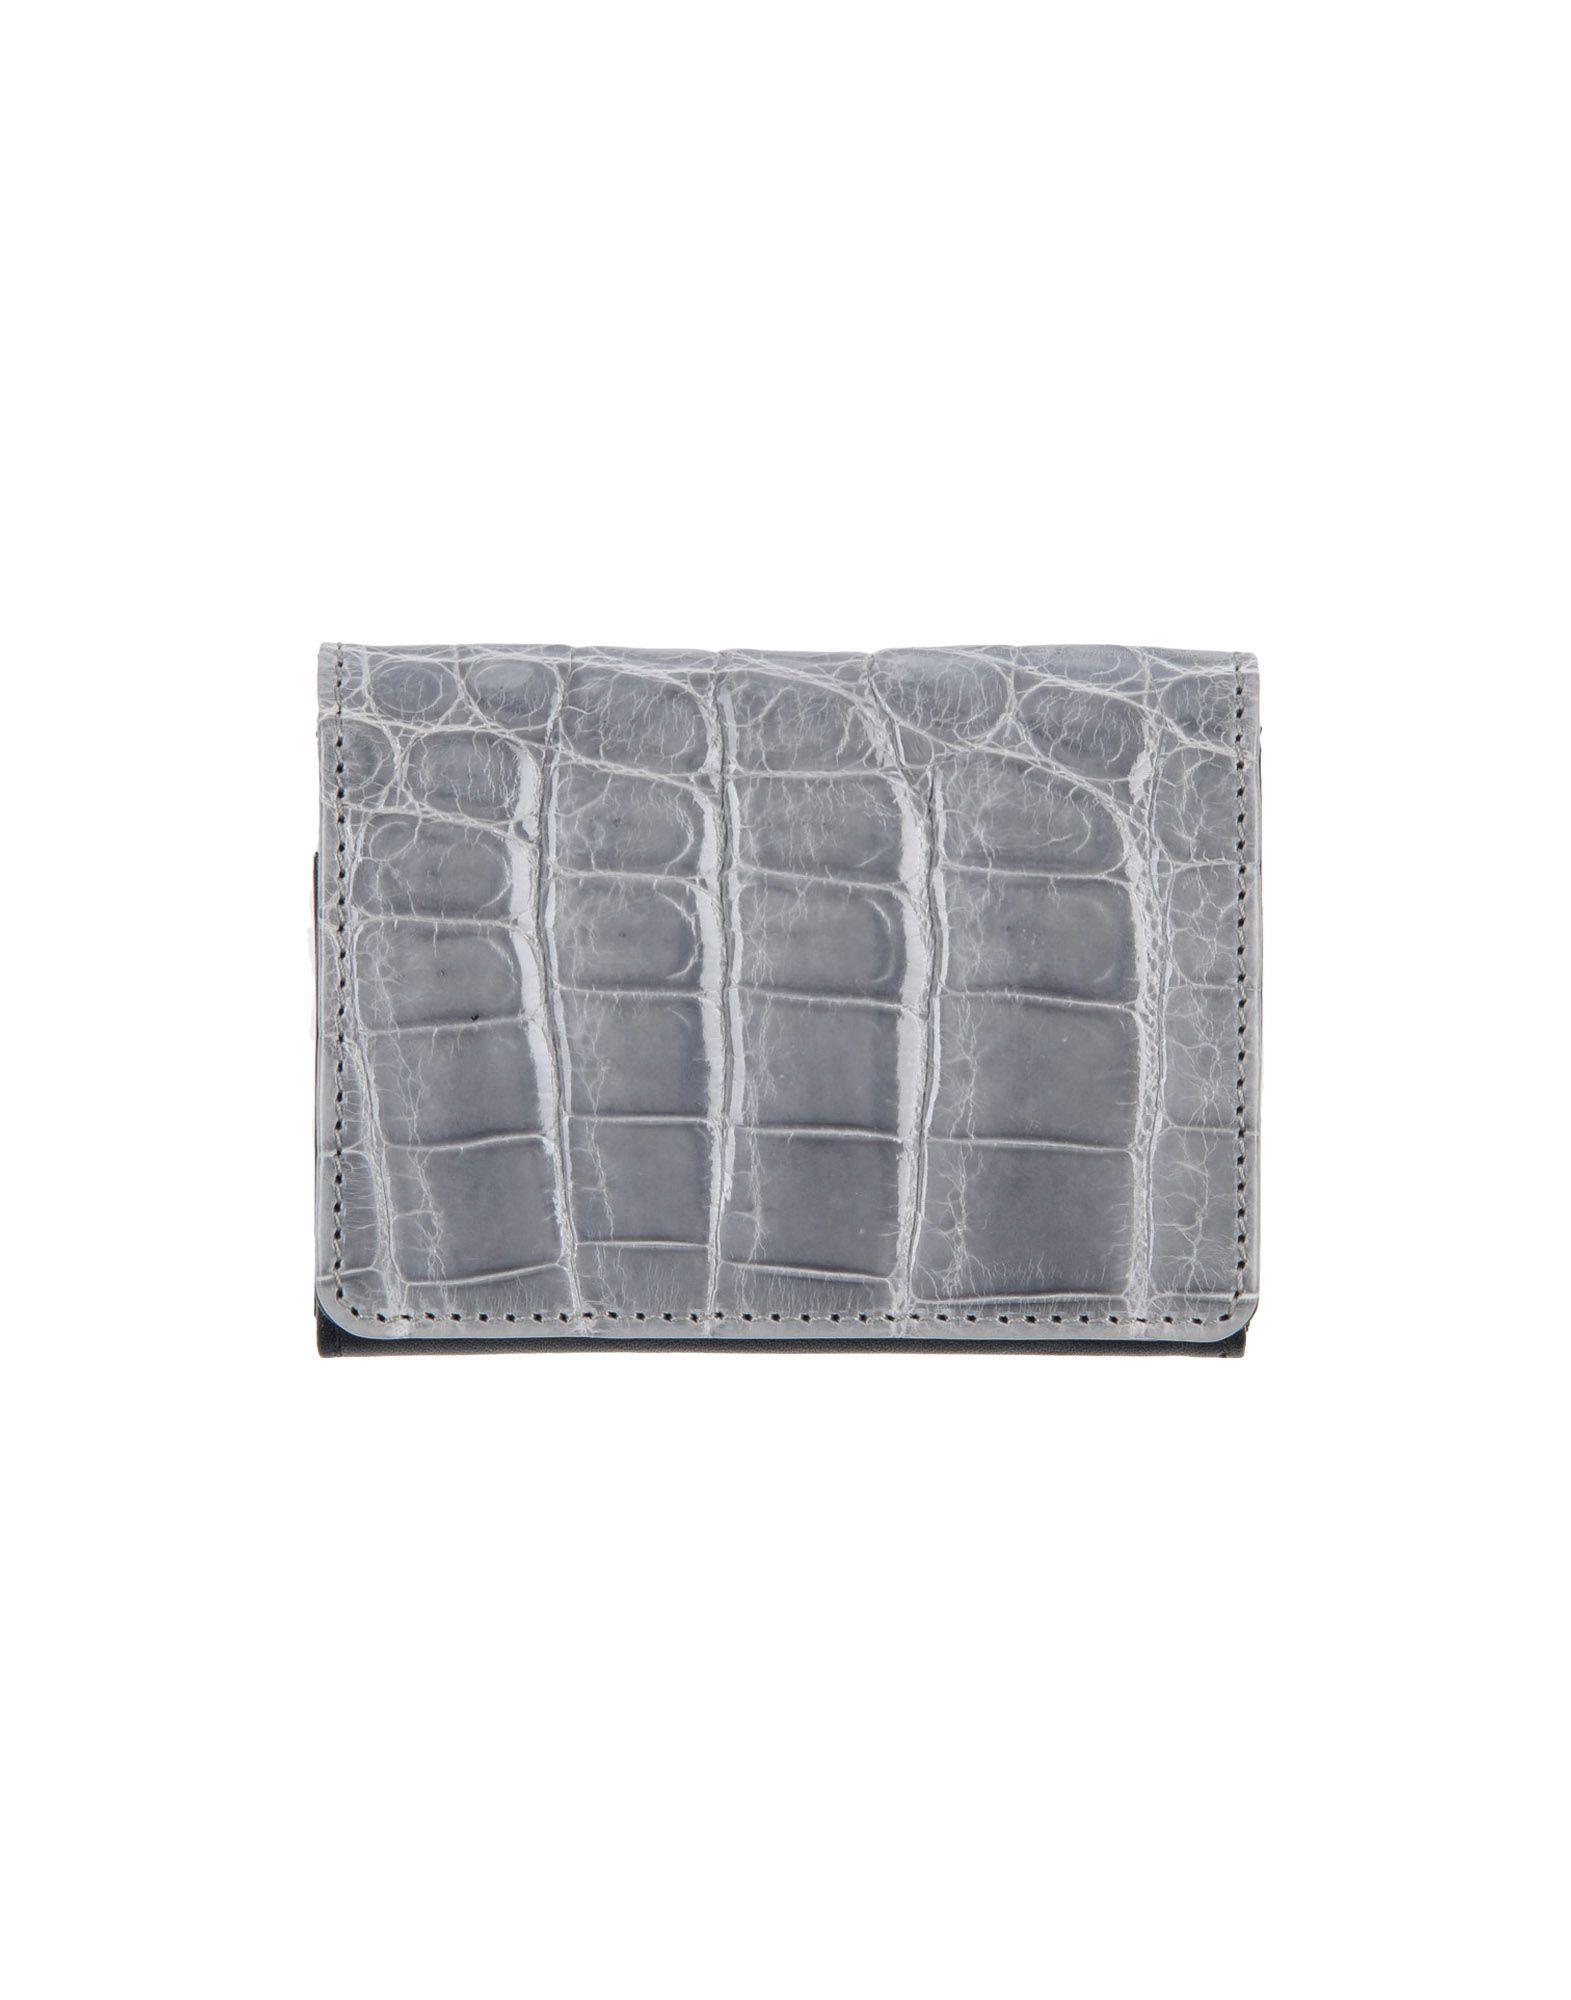 《送料無料》JASON BRIGGS Paris レディース 財布 グレー 革